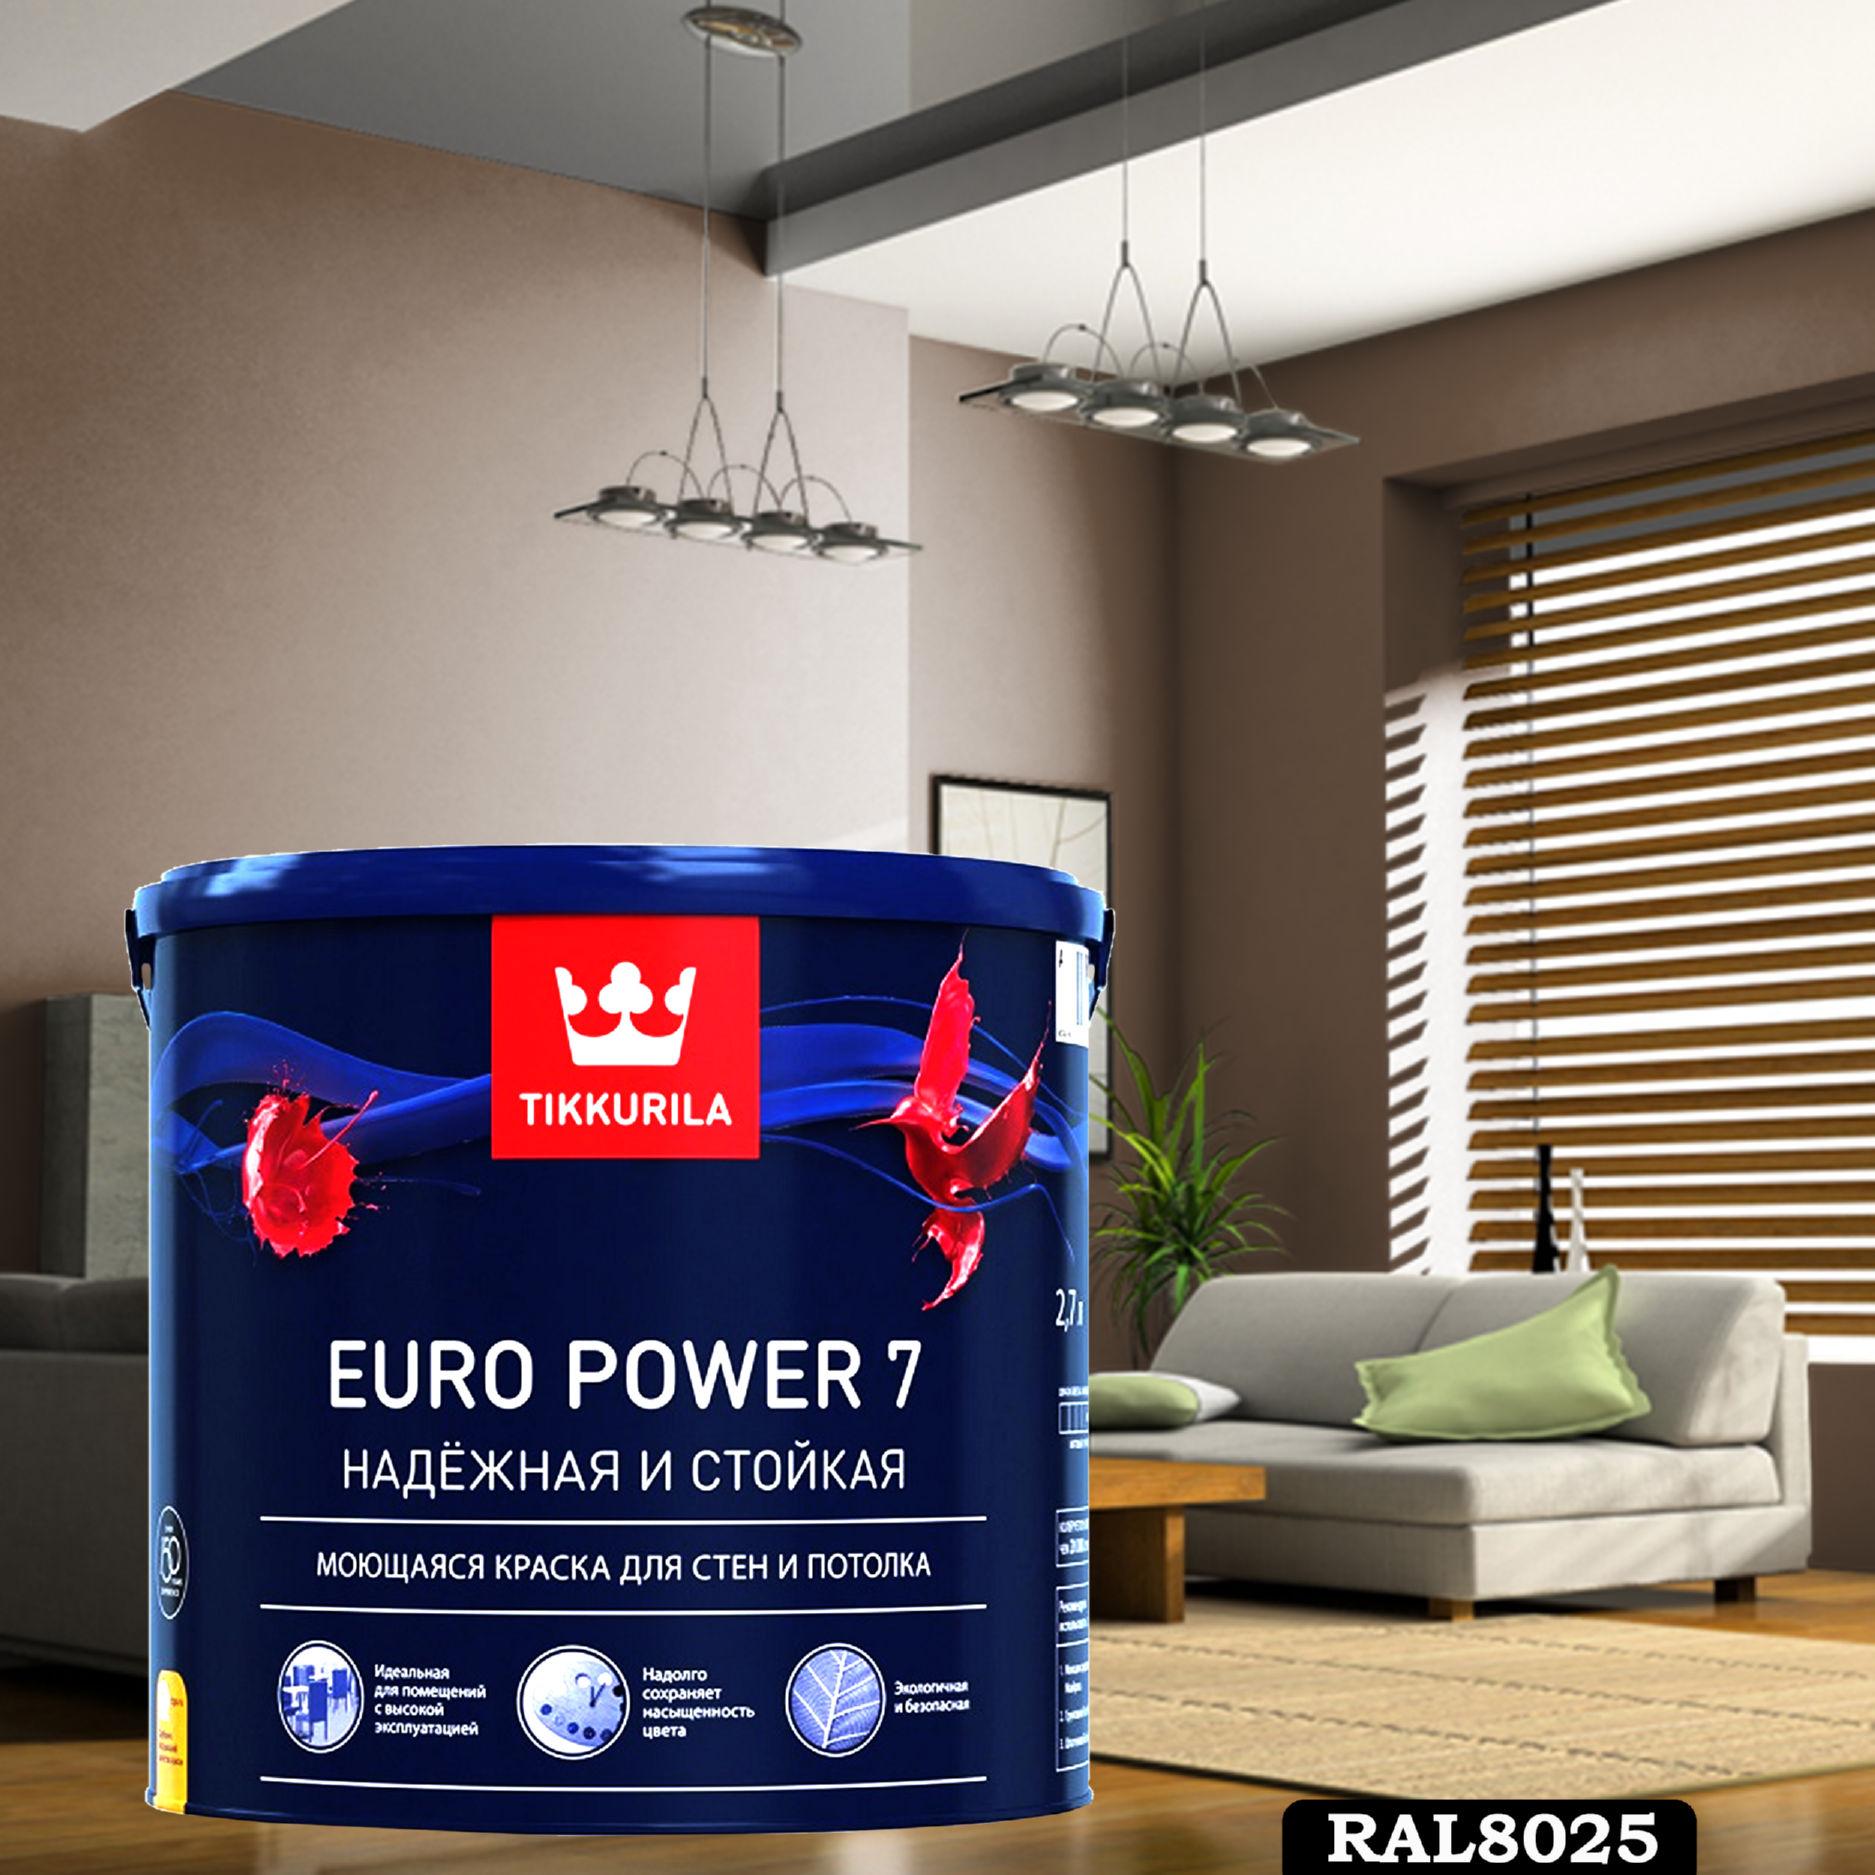 Фото 18 - Краска TIKKURILA Euro Power 7,  RAL 8025 Бледно-коричневый, латексная моющаяся матовая интерьерная, 9 л.